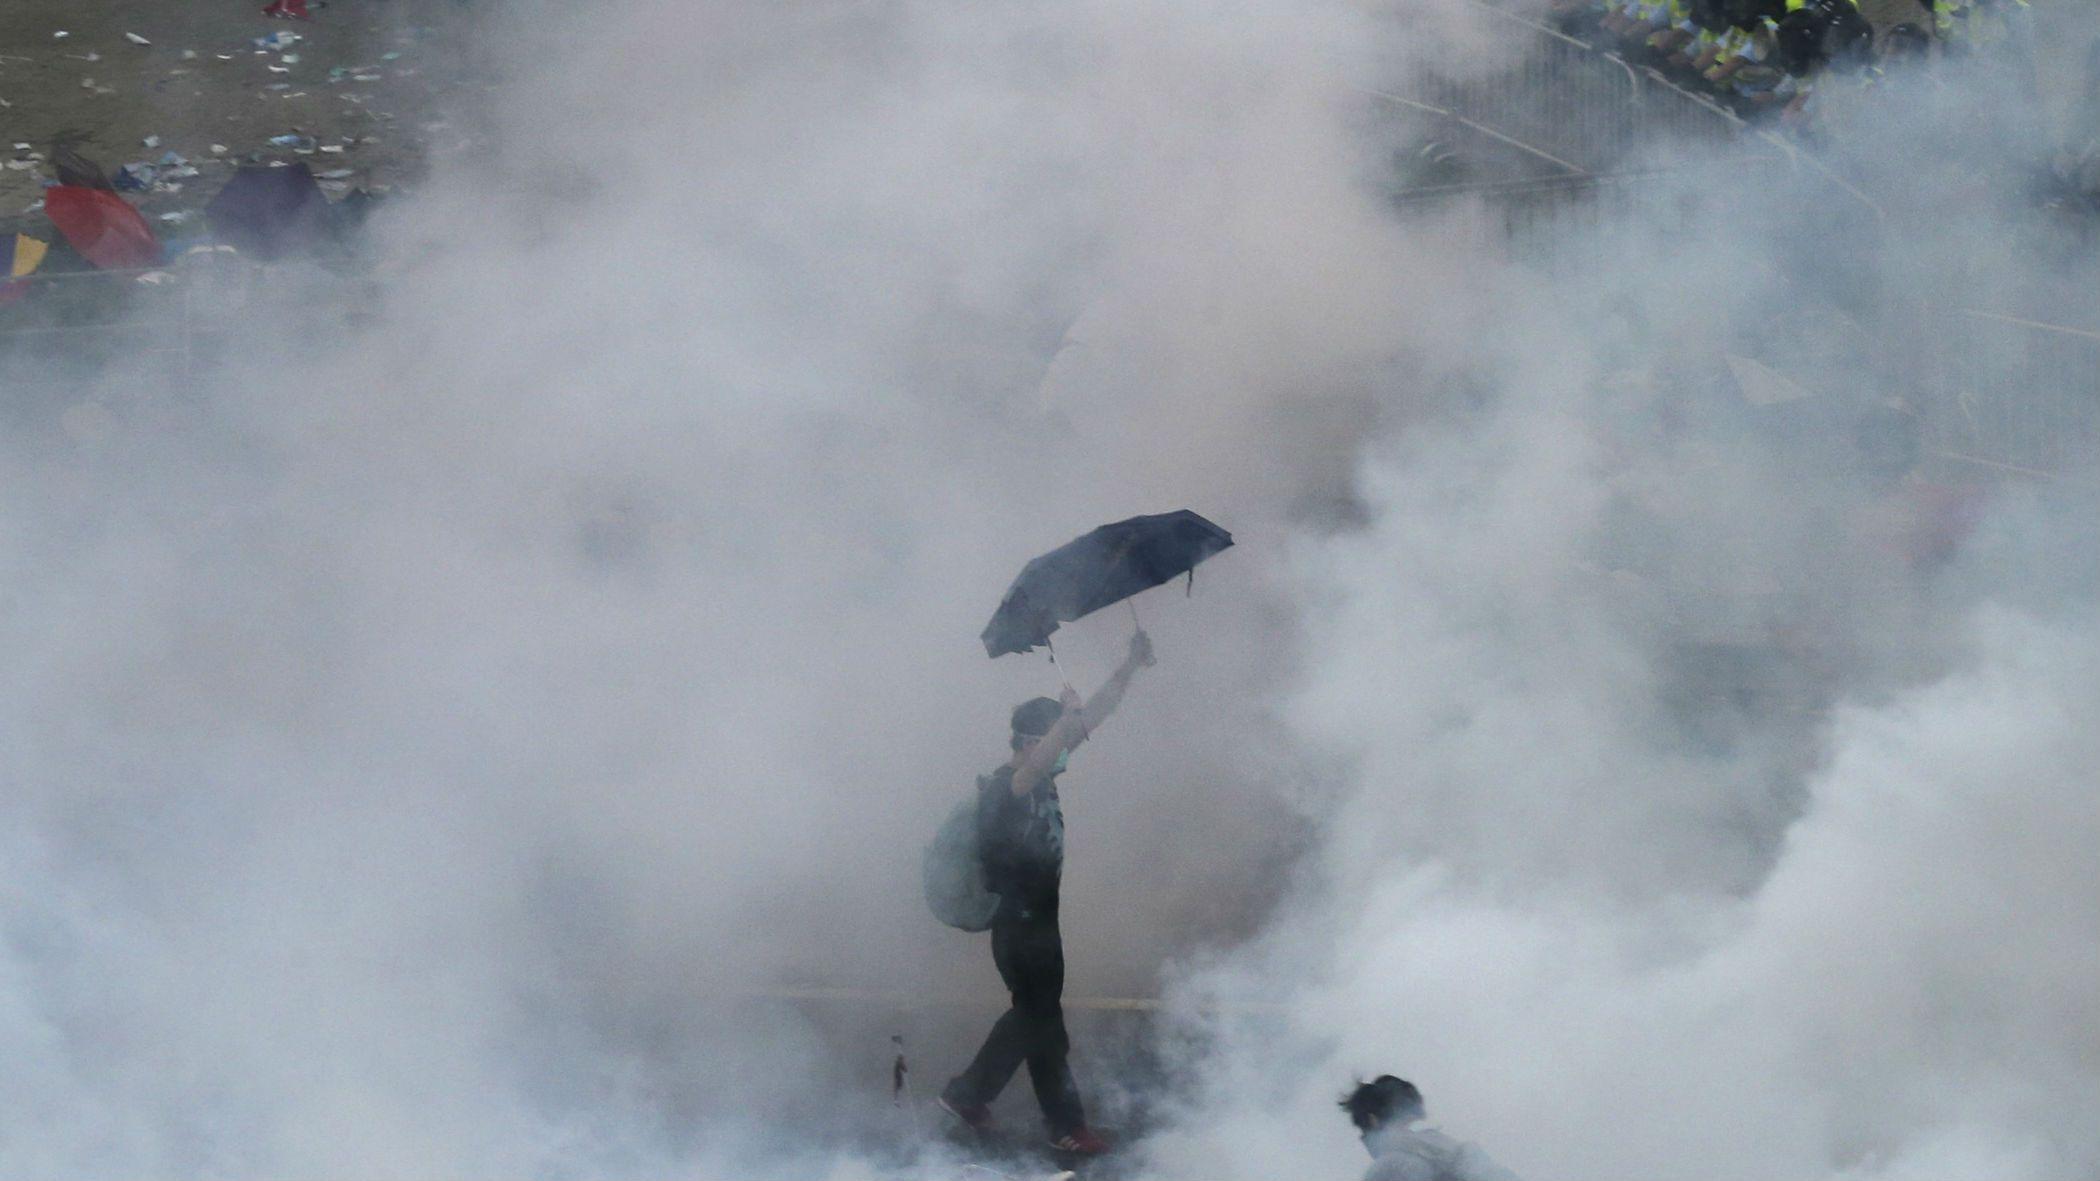 Activists say Hong Kong's